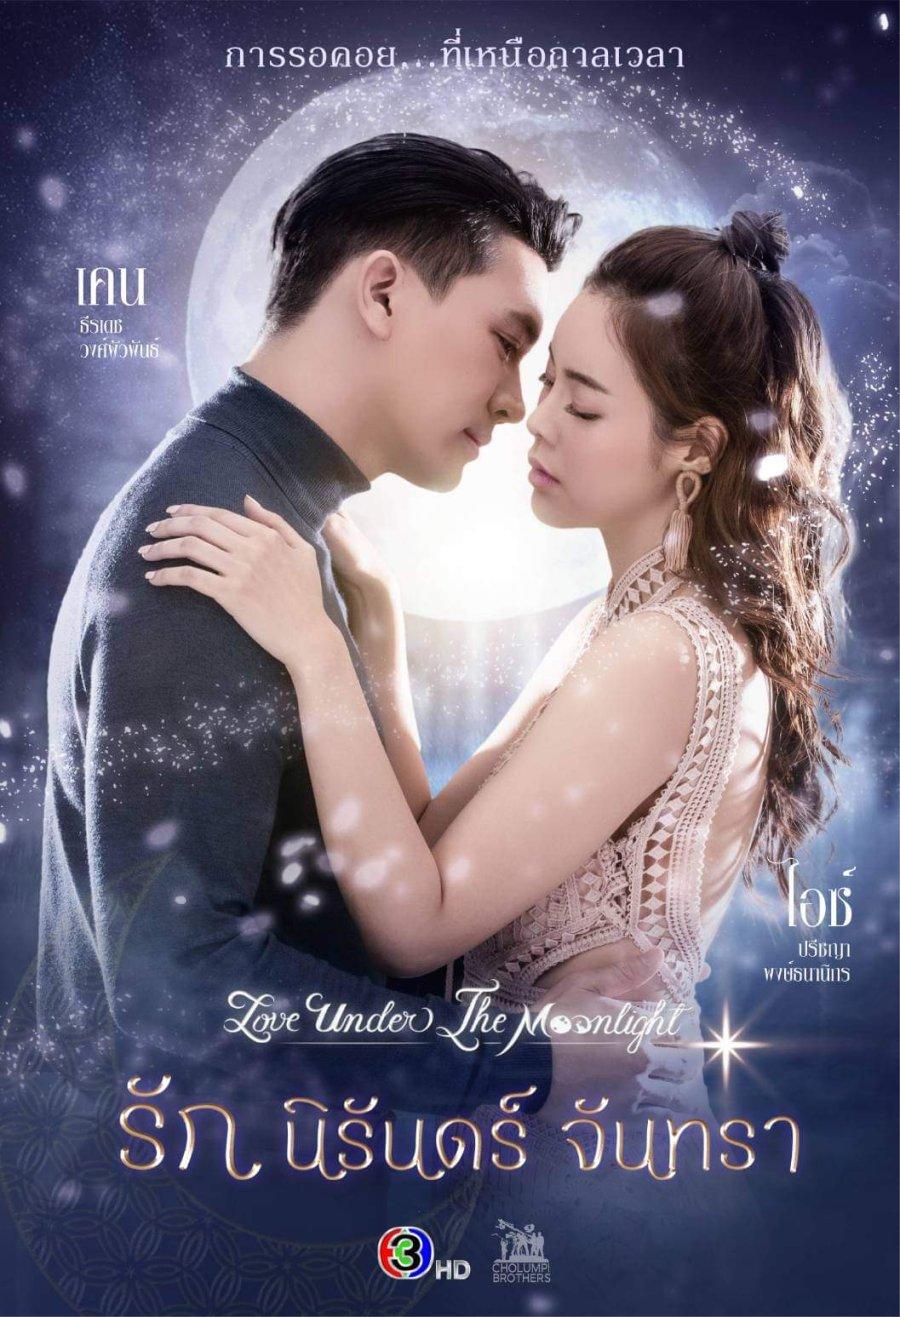 Ruk Nirun Juntra Drama Thailand (2021) : Sinopsis dan Review